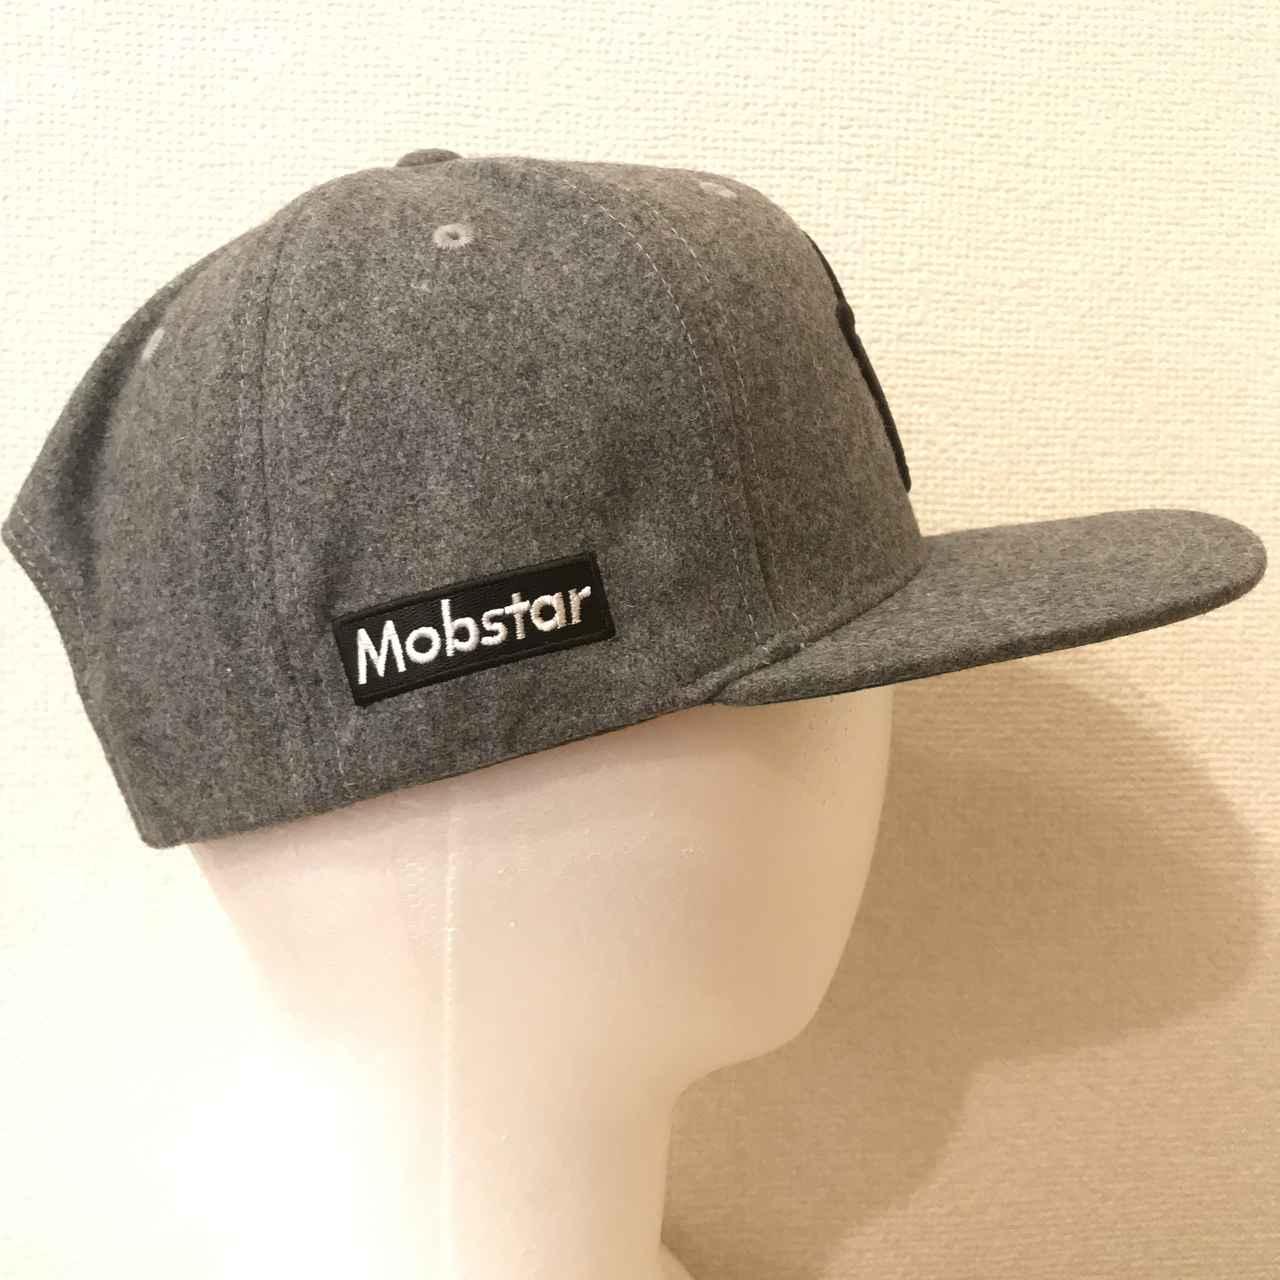 画像1: mobstar wool cap grey